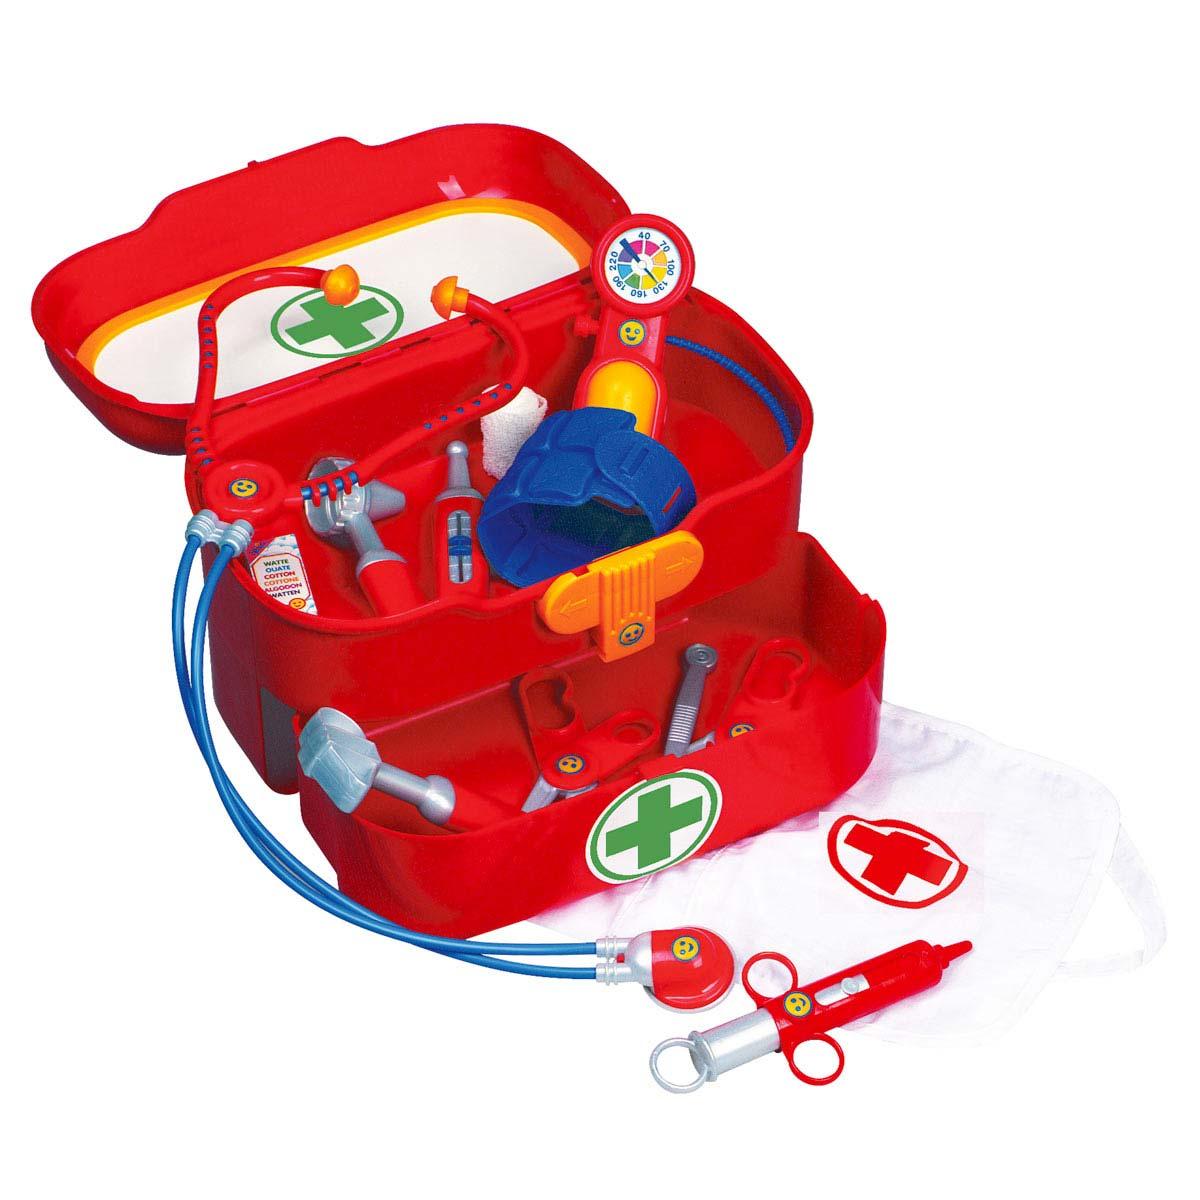 Jeux De Fille Pour Enfants destiné Jeu Pour Bebe 2 Ans Gratuit